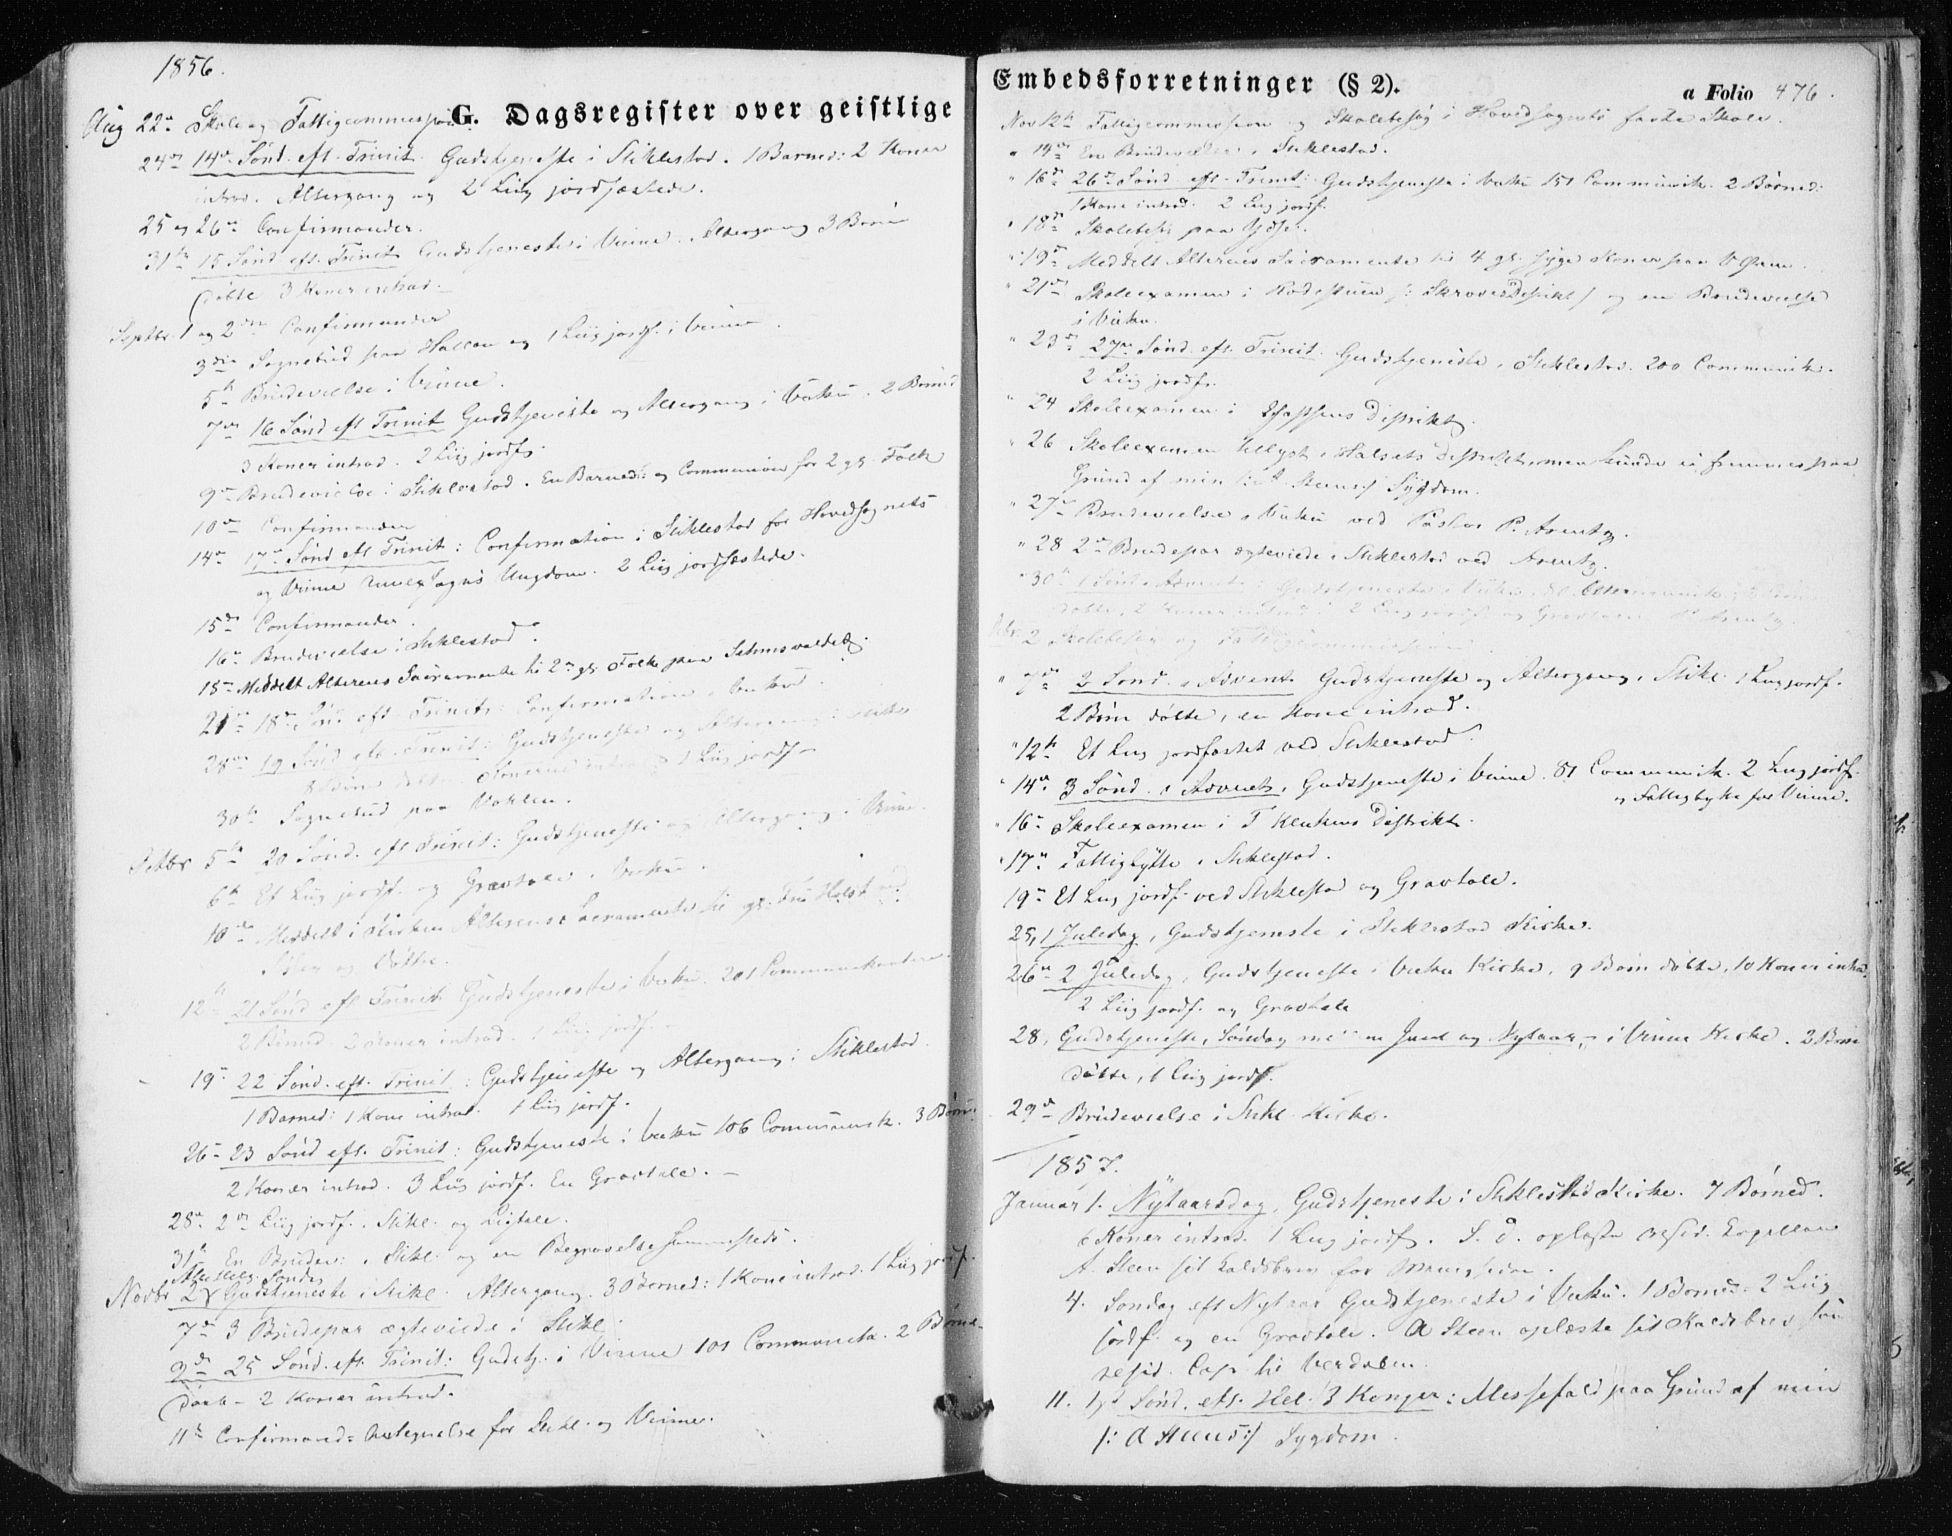 SAT, Ministerialprotokoller, klokkerbøker og fødselsregistre - Nord-Trøndelag, 723/L0240: Ministerialbok nr. 723A09, 1852-1860, s. 476